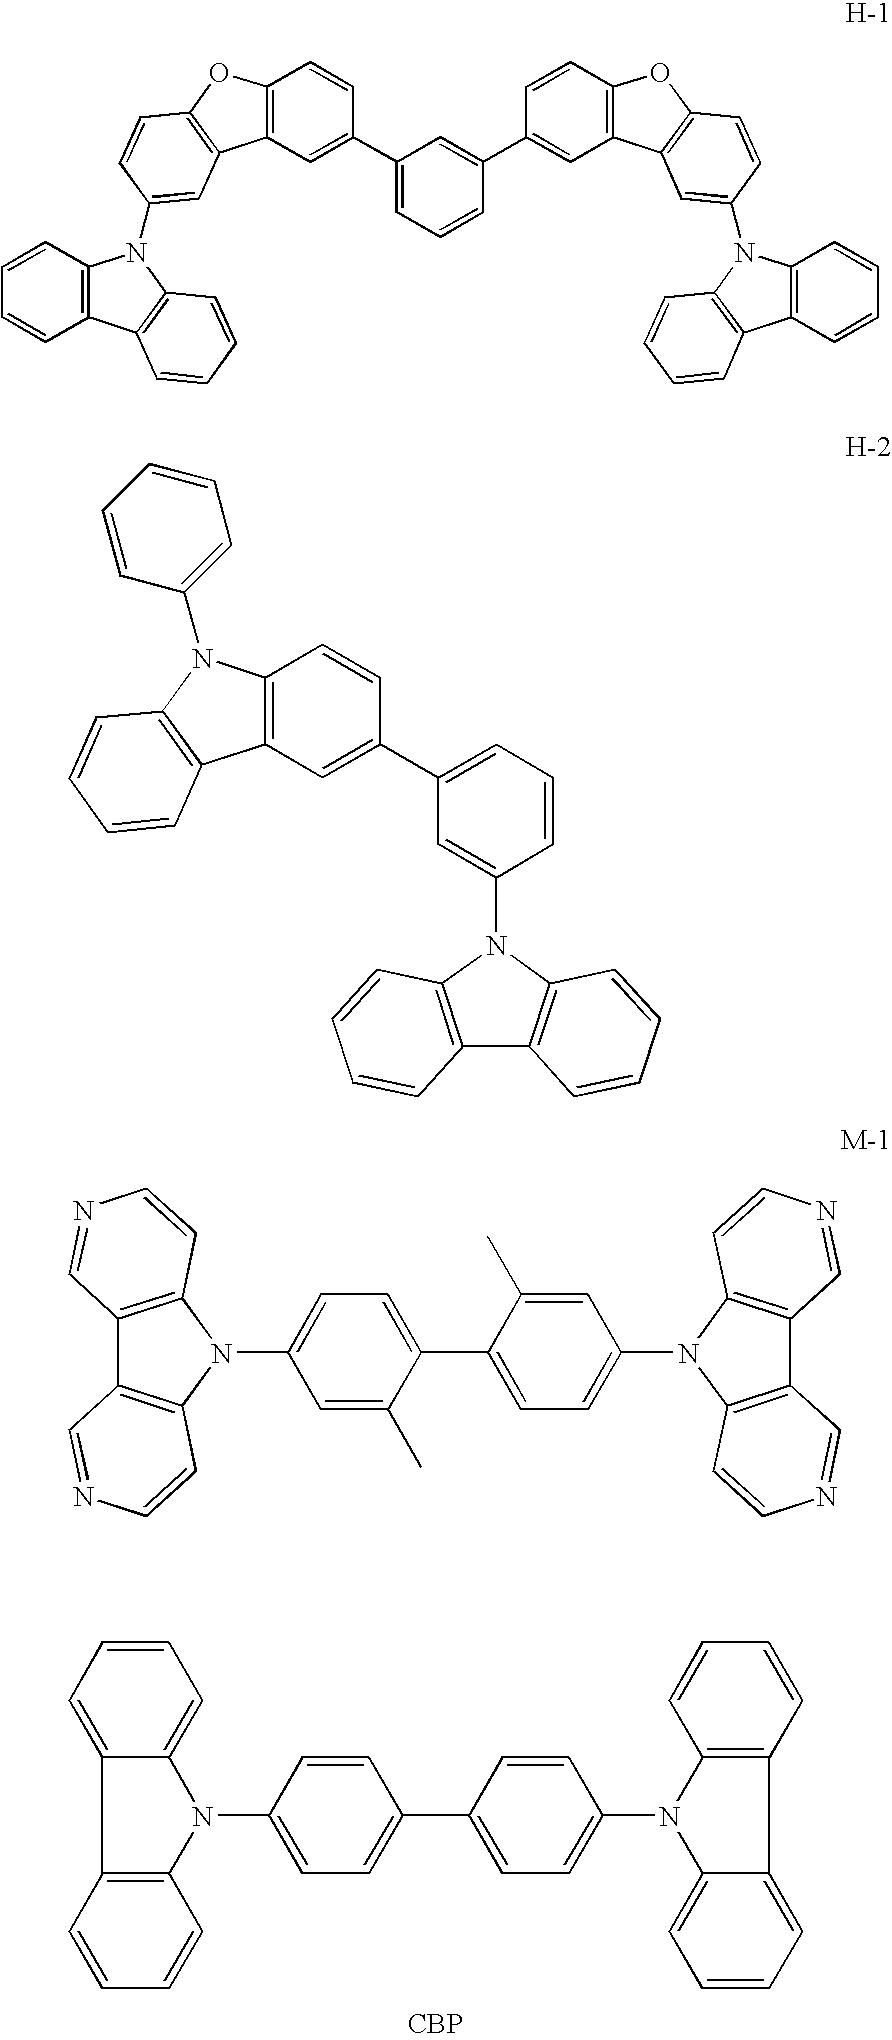 Figure US07745990-20100629-C00027